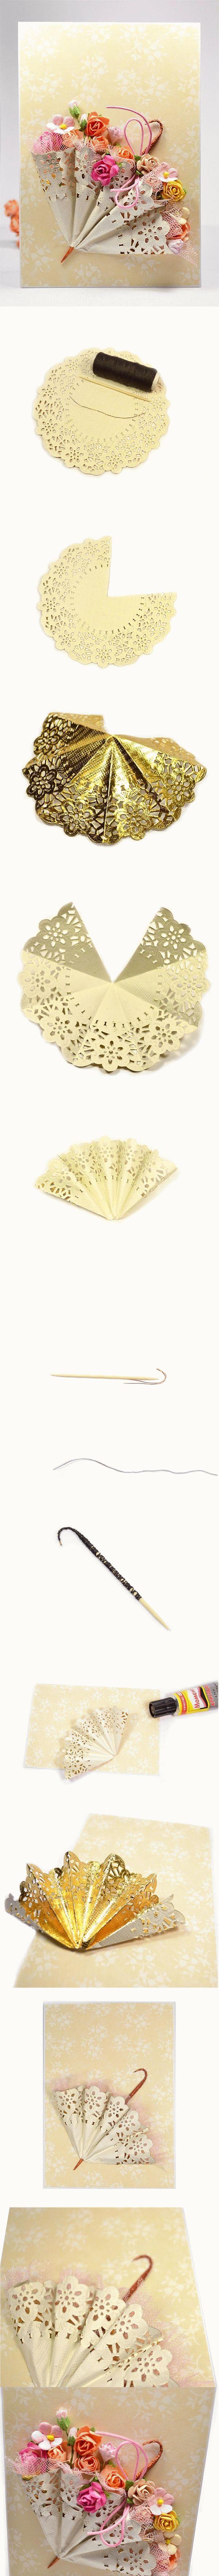 DIY Cute Mini Umbrella with Paper Doily